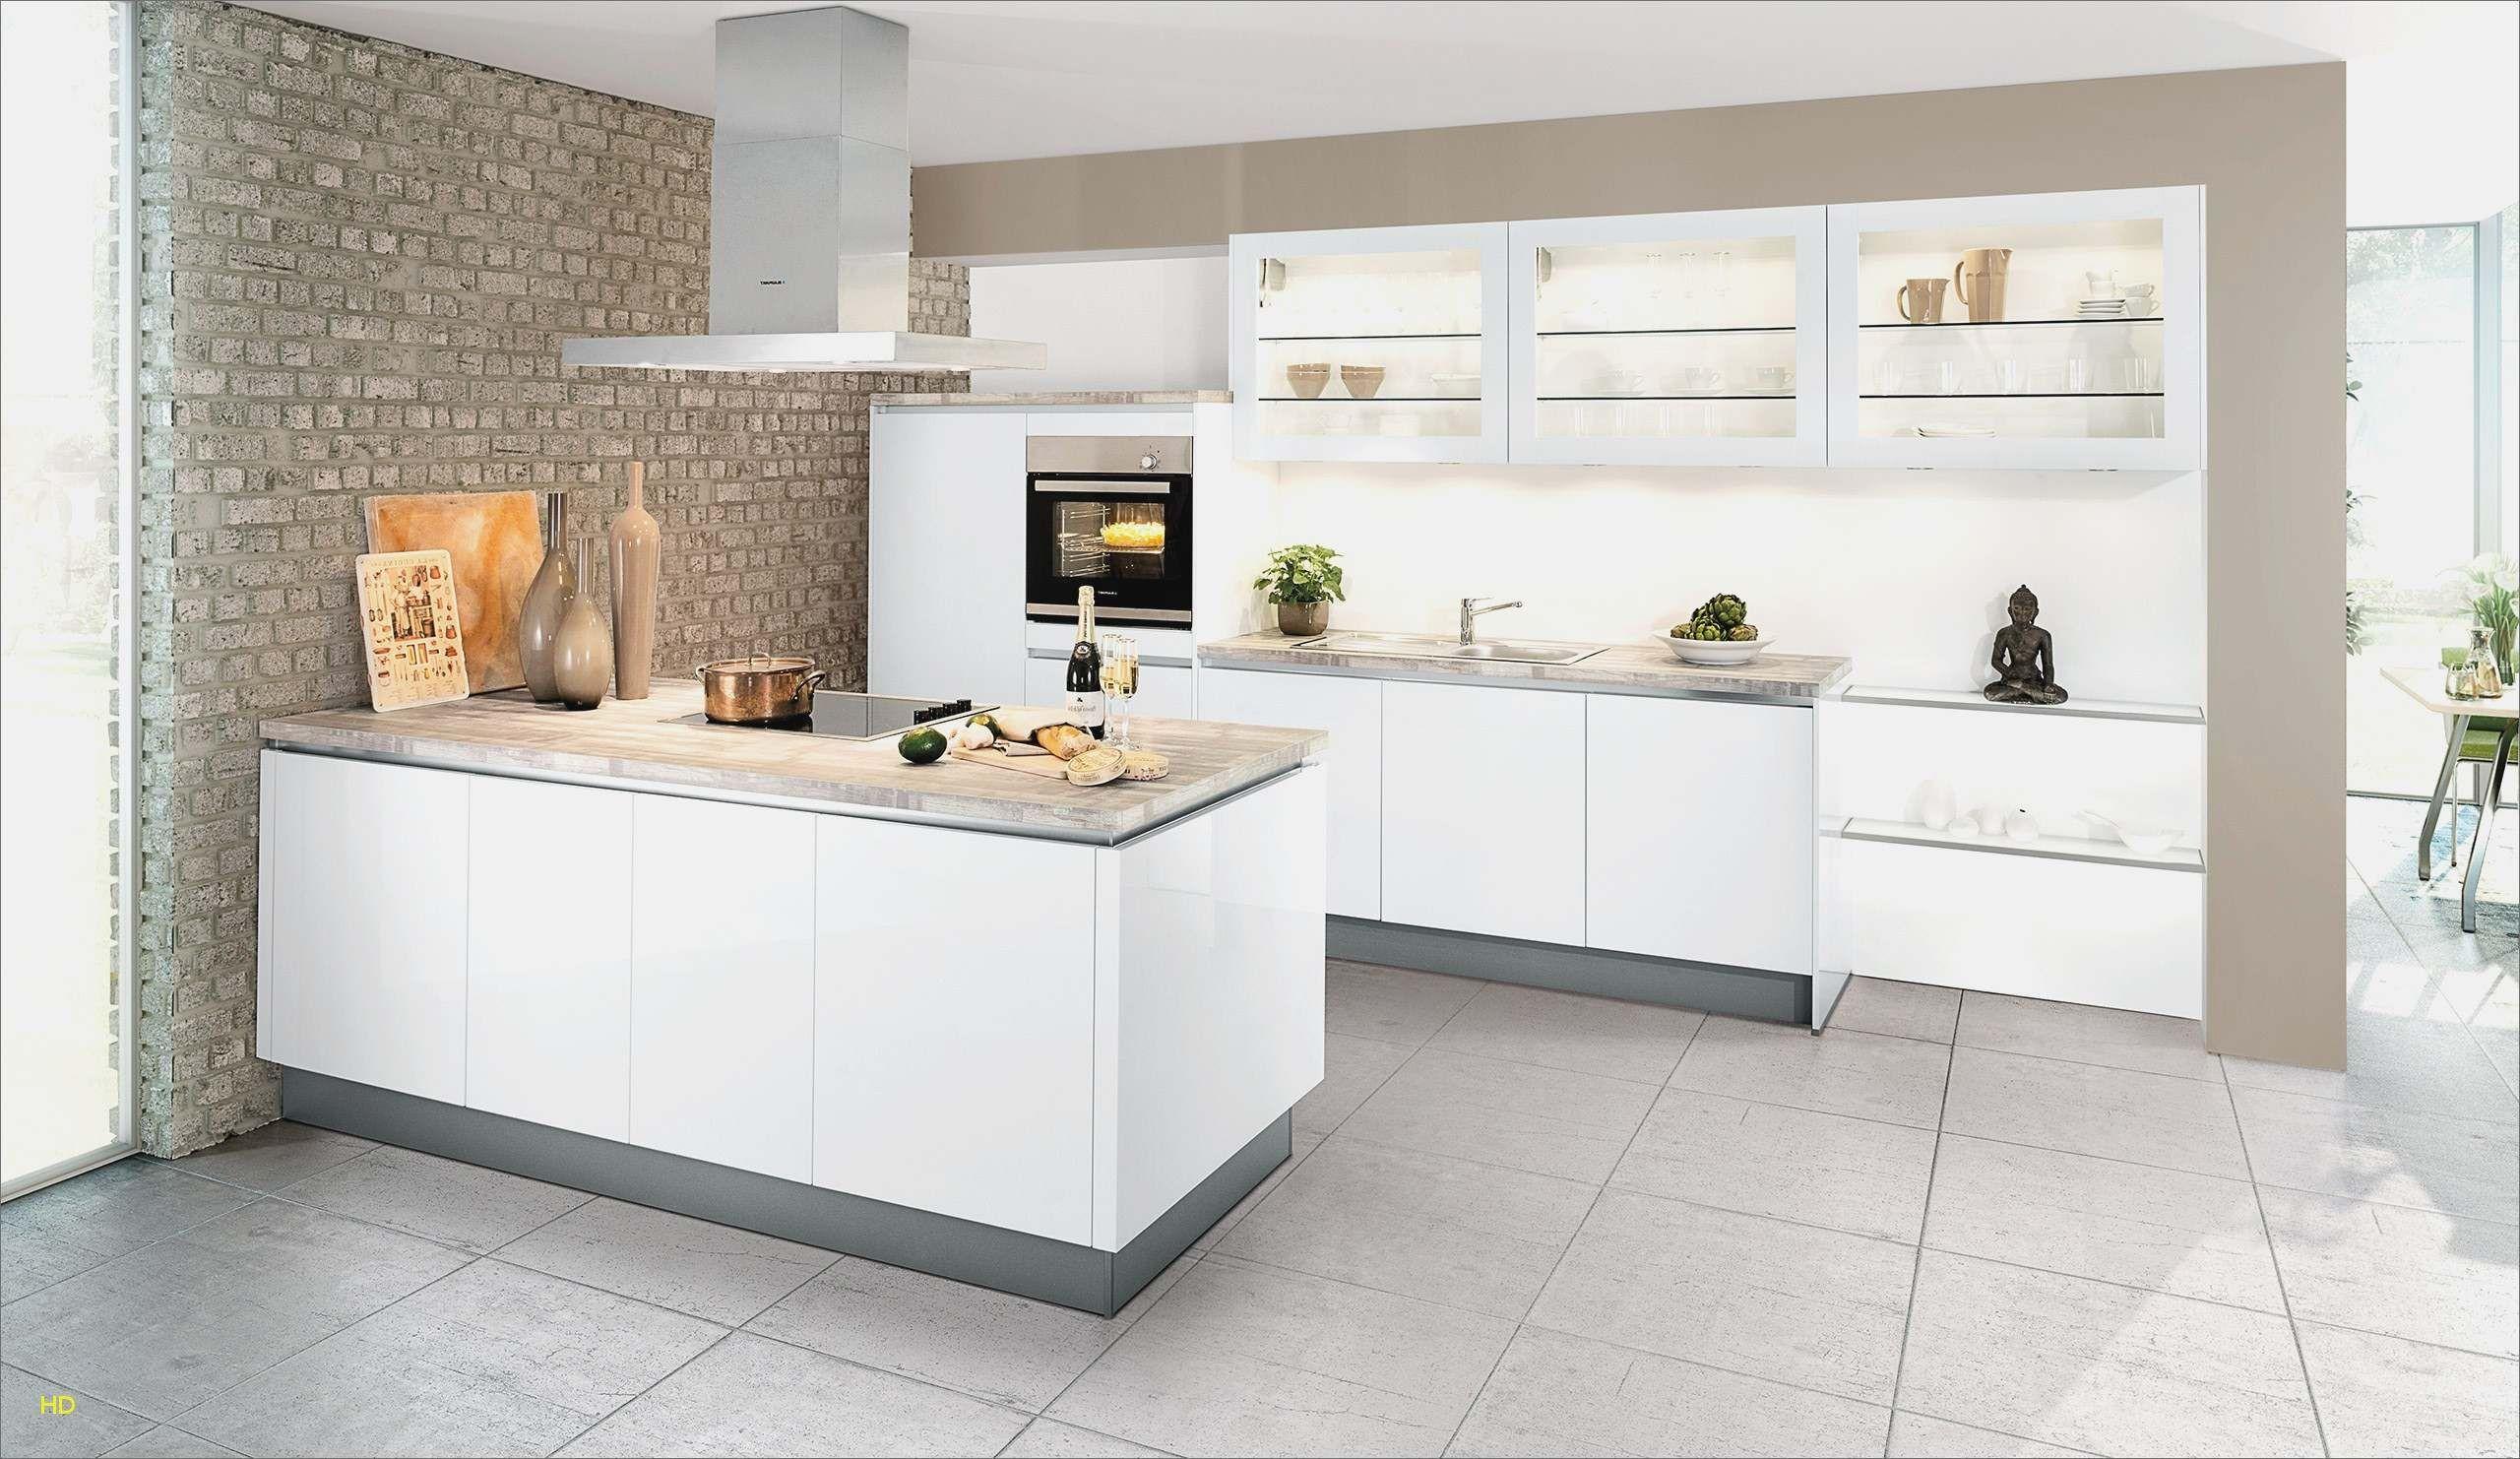 42 Einzigartig Ikea Kuche Rationell Schublade Ausbauen Haus Kuchen Arbeitsplatte Kuche